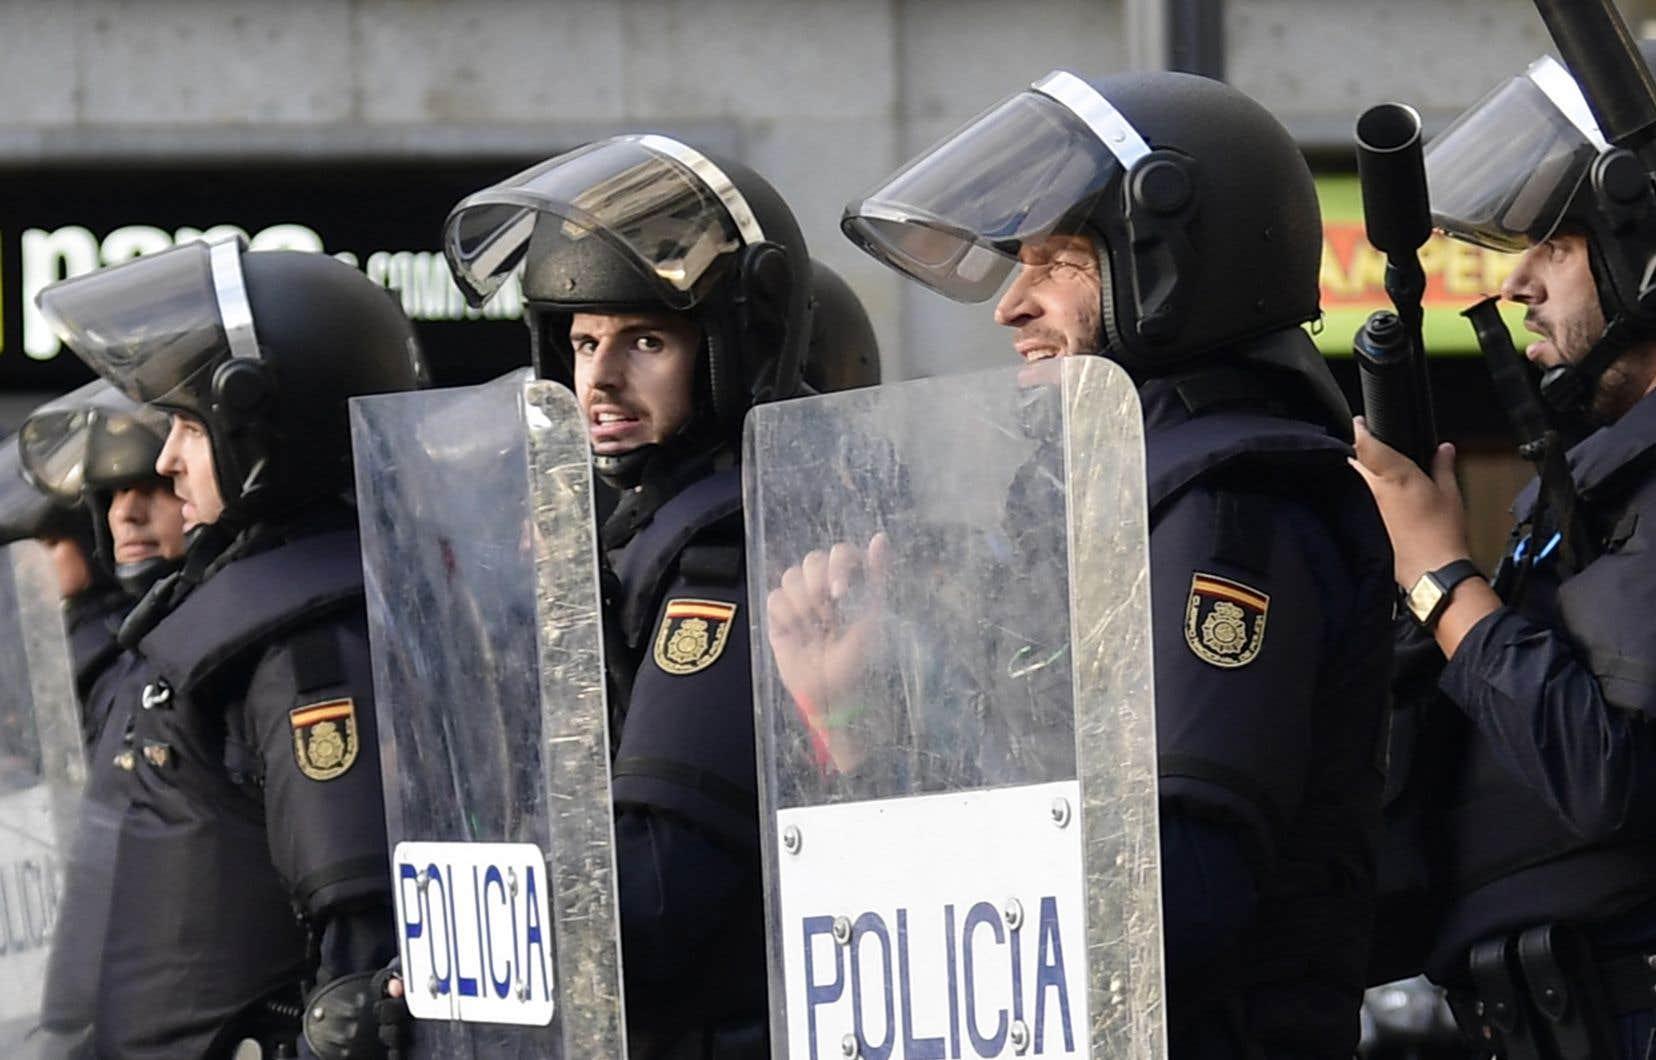 La résistance actuelle de la Catalogne face à l'agression de l'Espagne bénéficierait d'une protection de l'Europe, des Nations unies et de l'opinion publique internationale, estiment les auteurs.